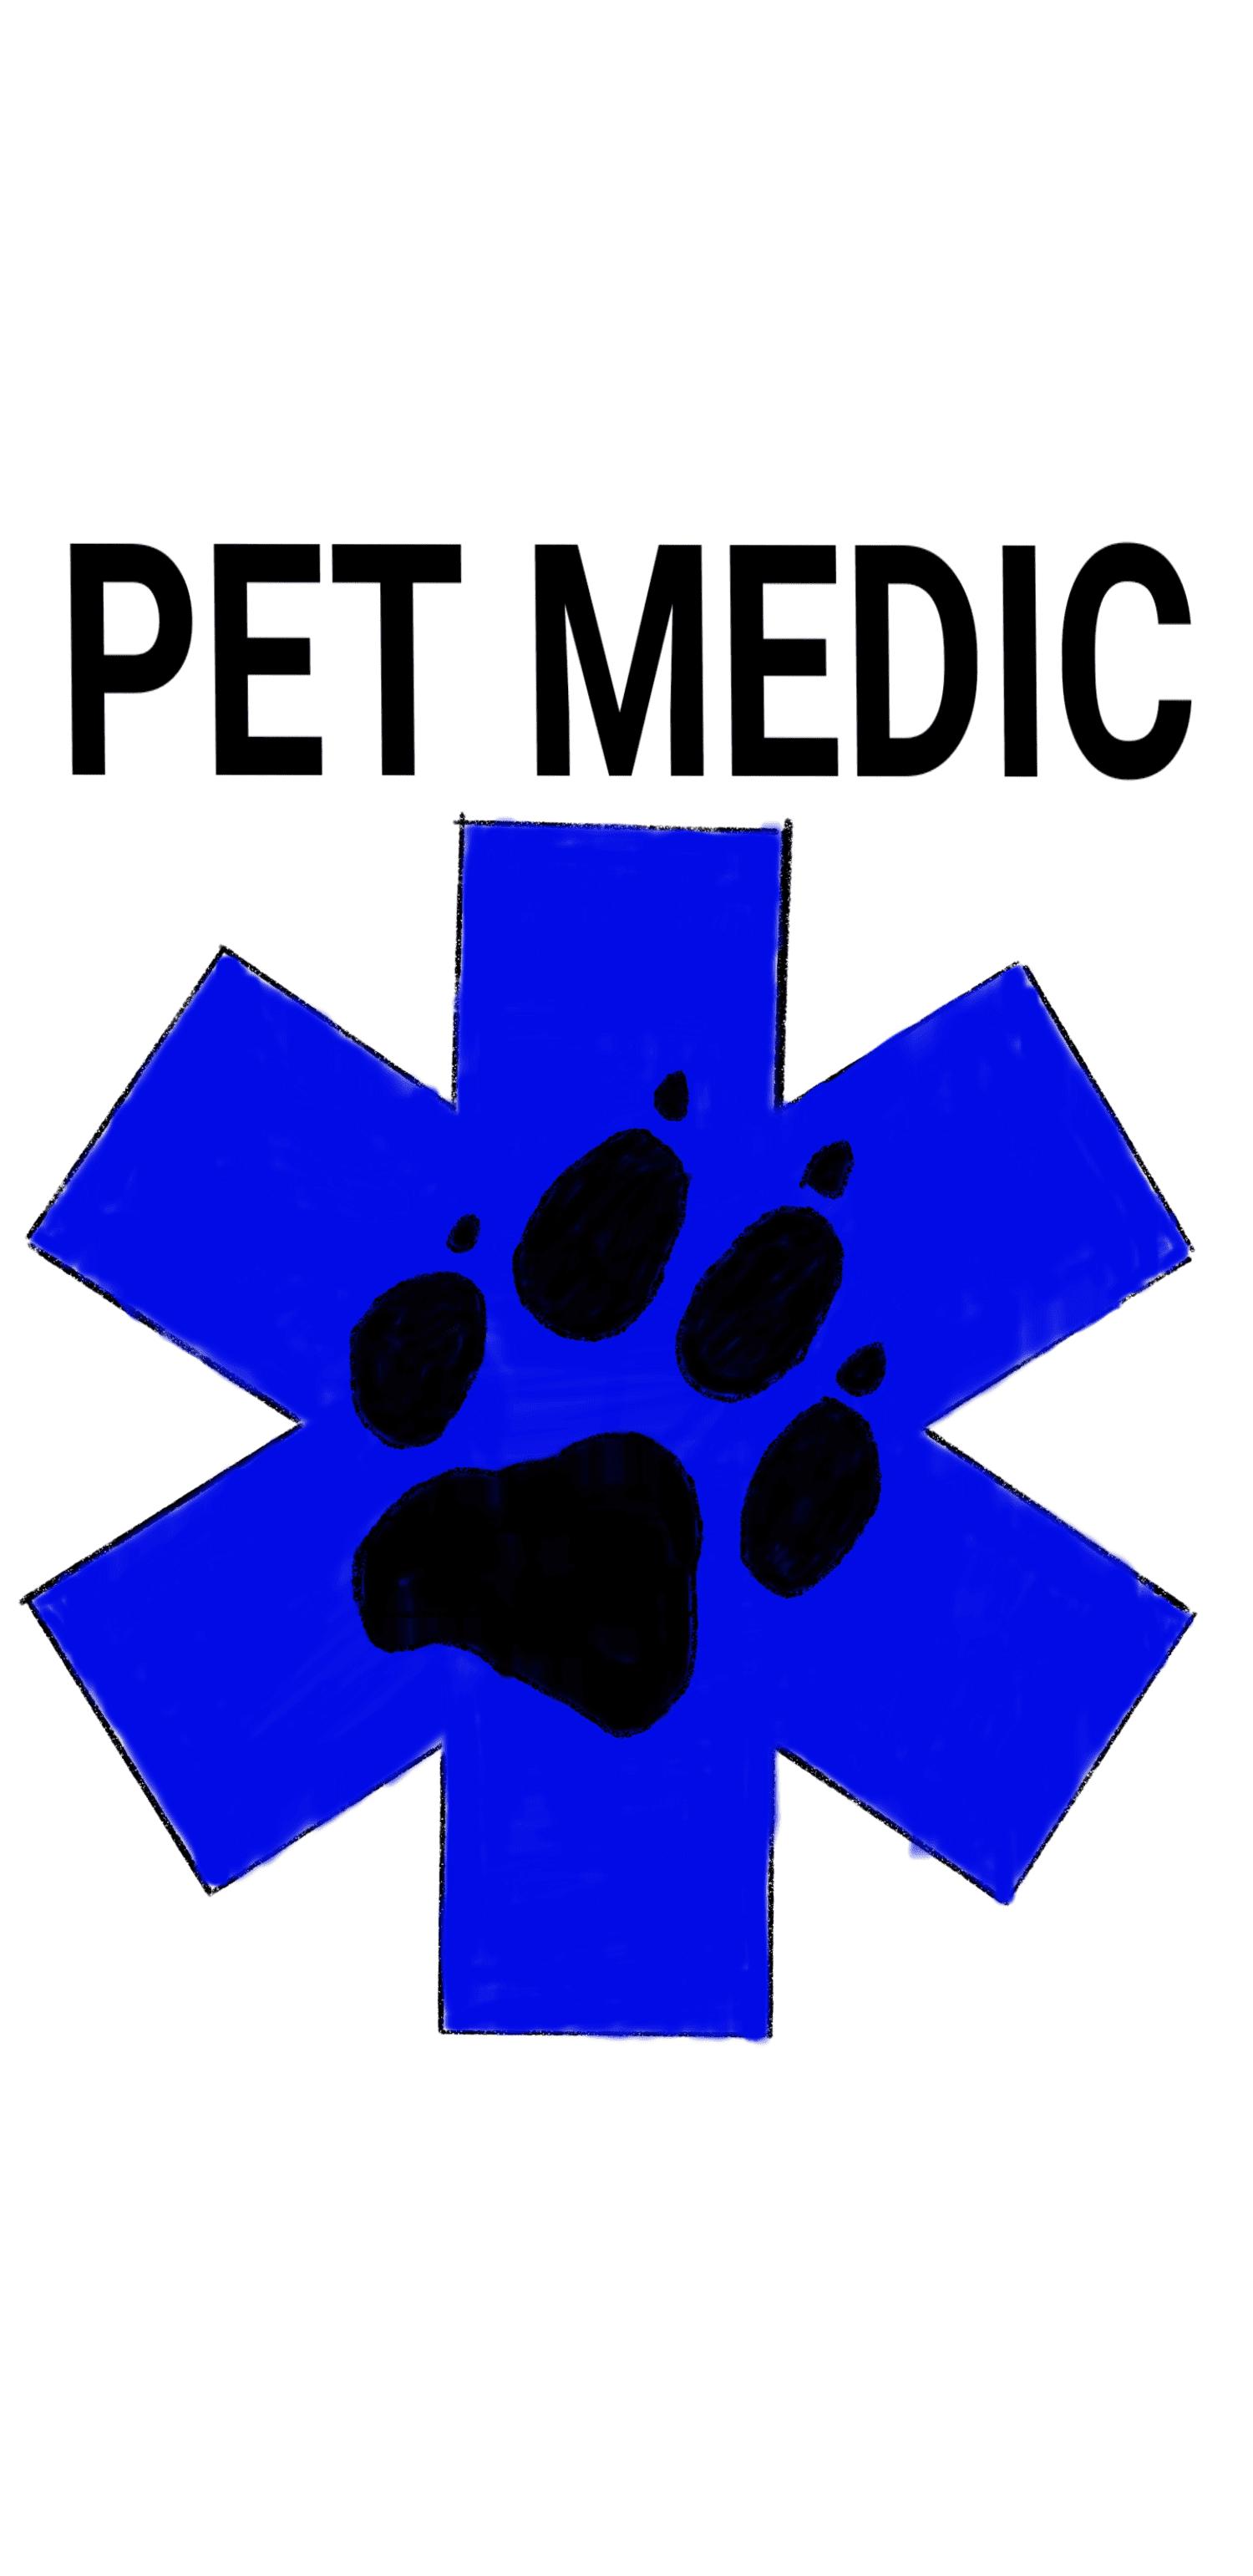 Pet Medics